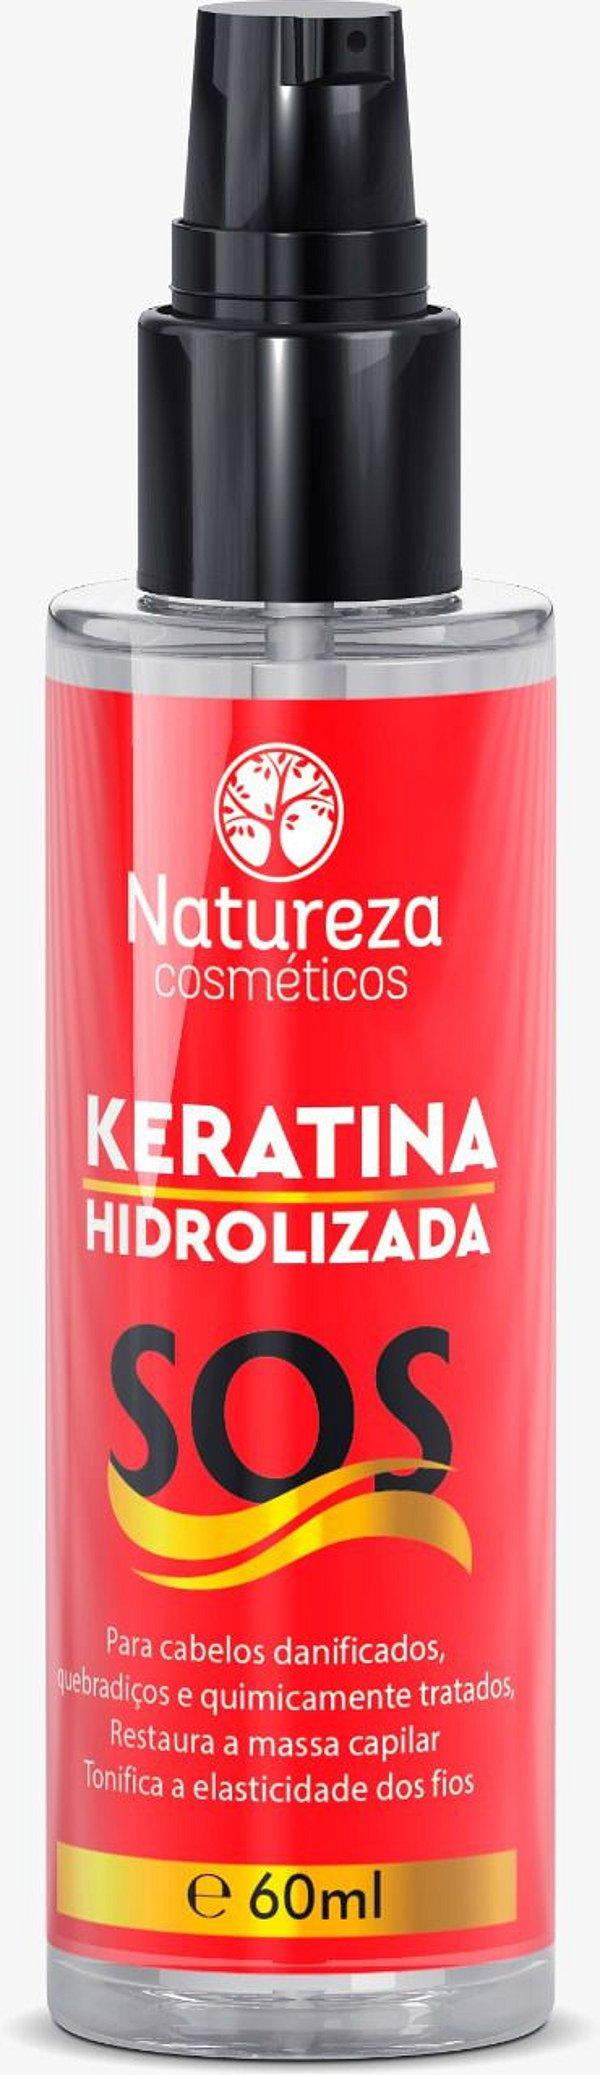 KERATINA HIDROLIZADA 60ml